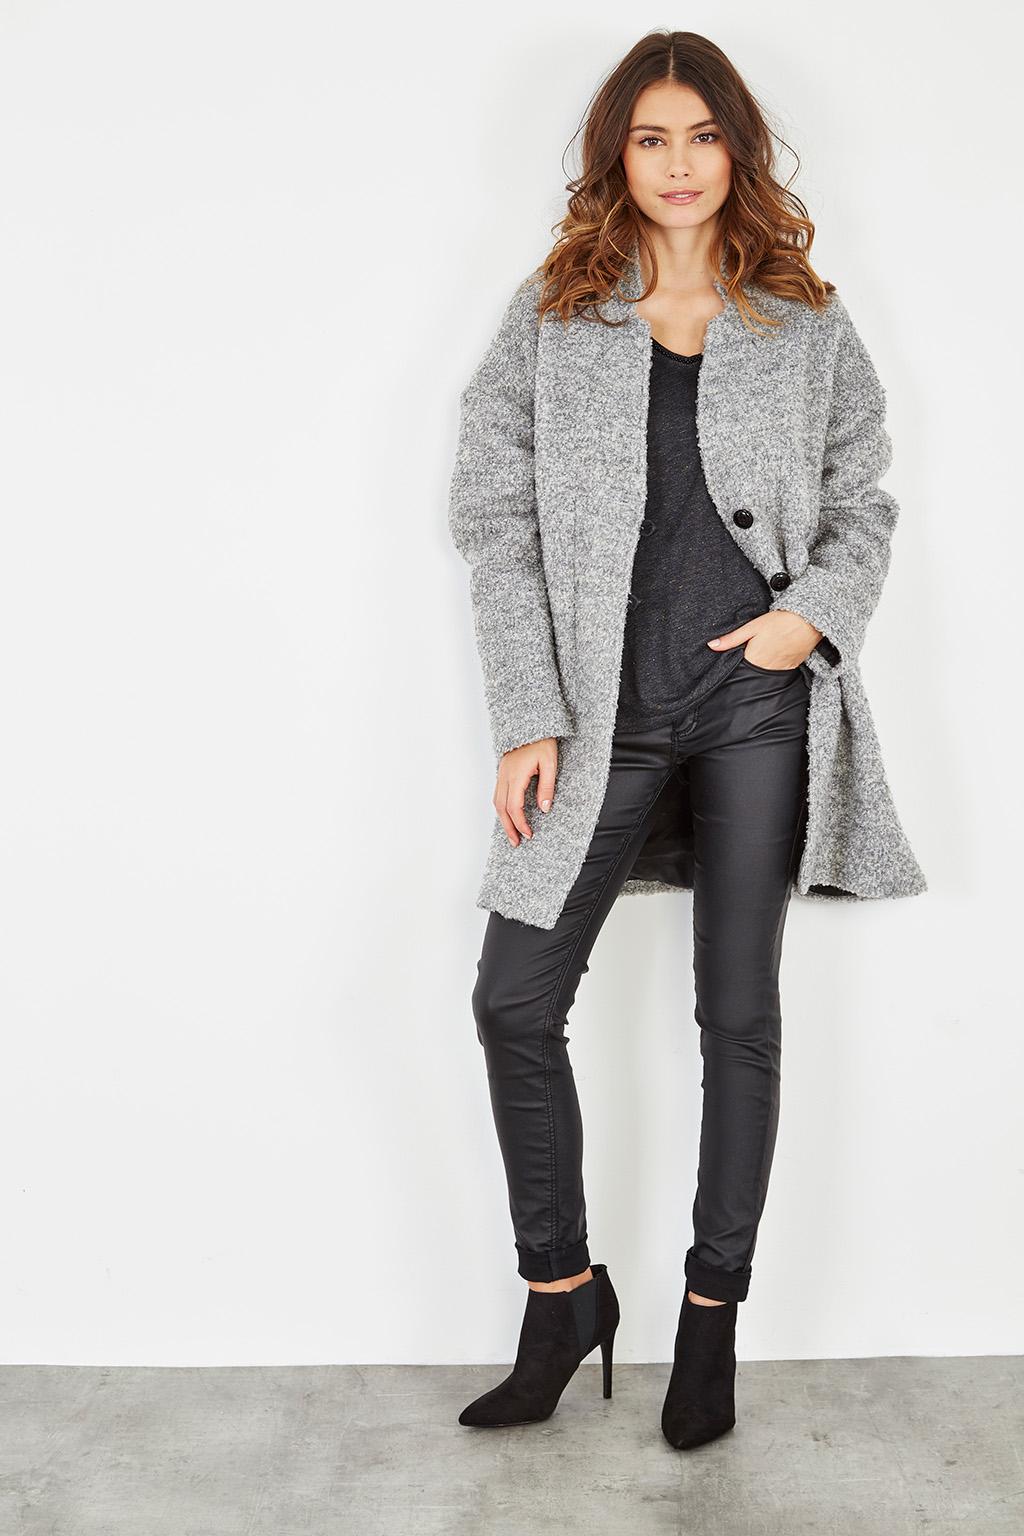 Manteau IRL oversize gris - look